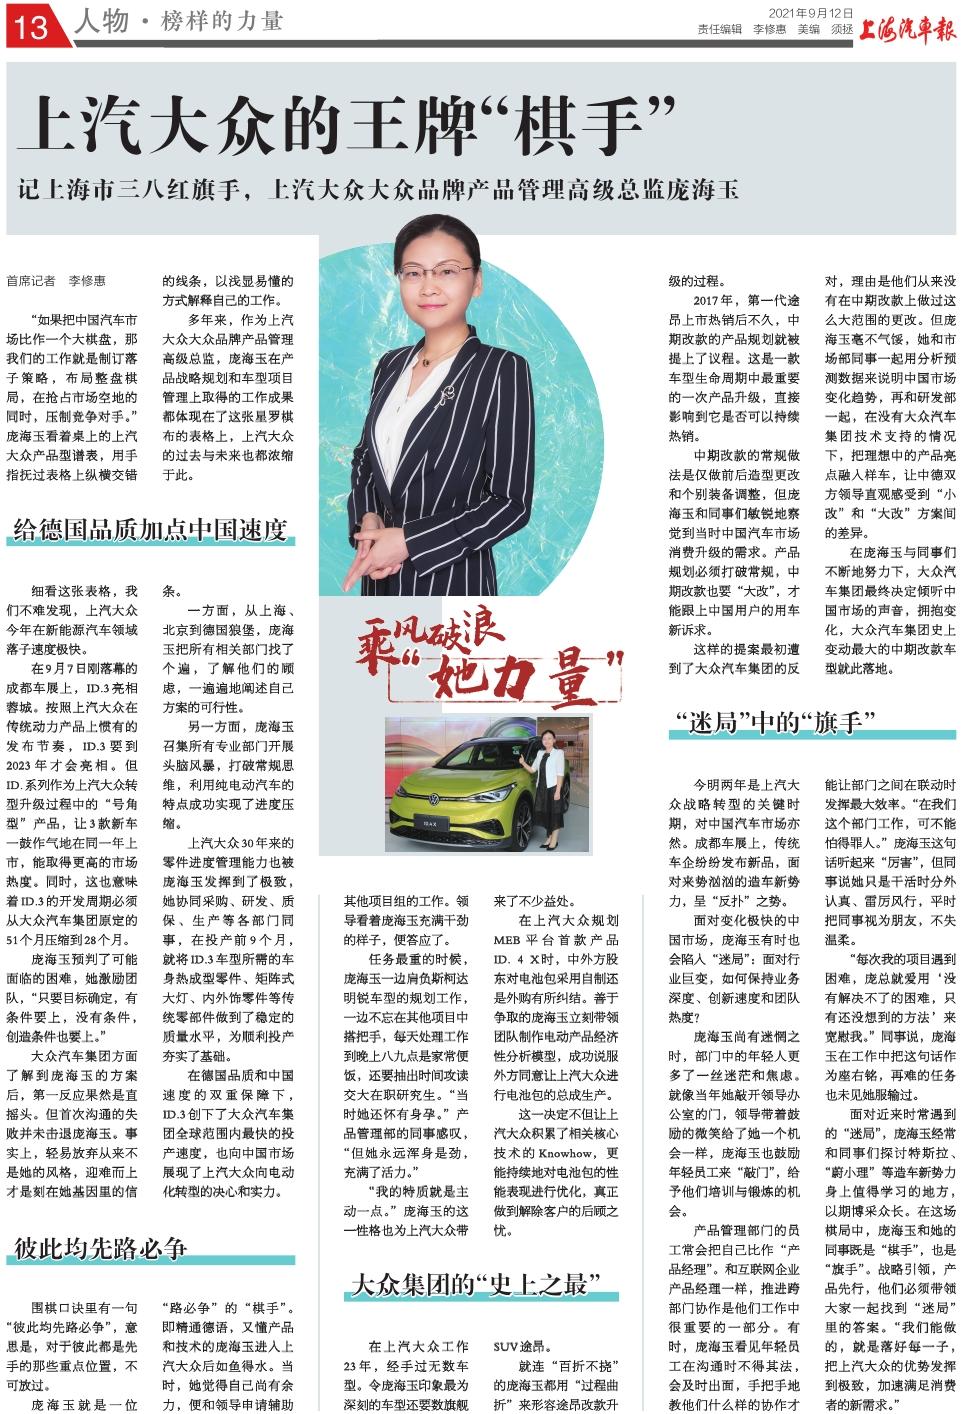 上海汽车报人物·榜样的力量